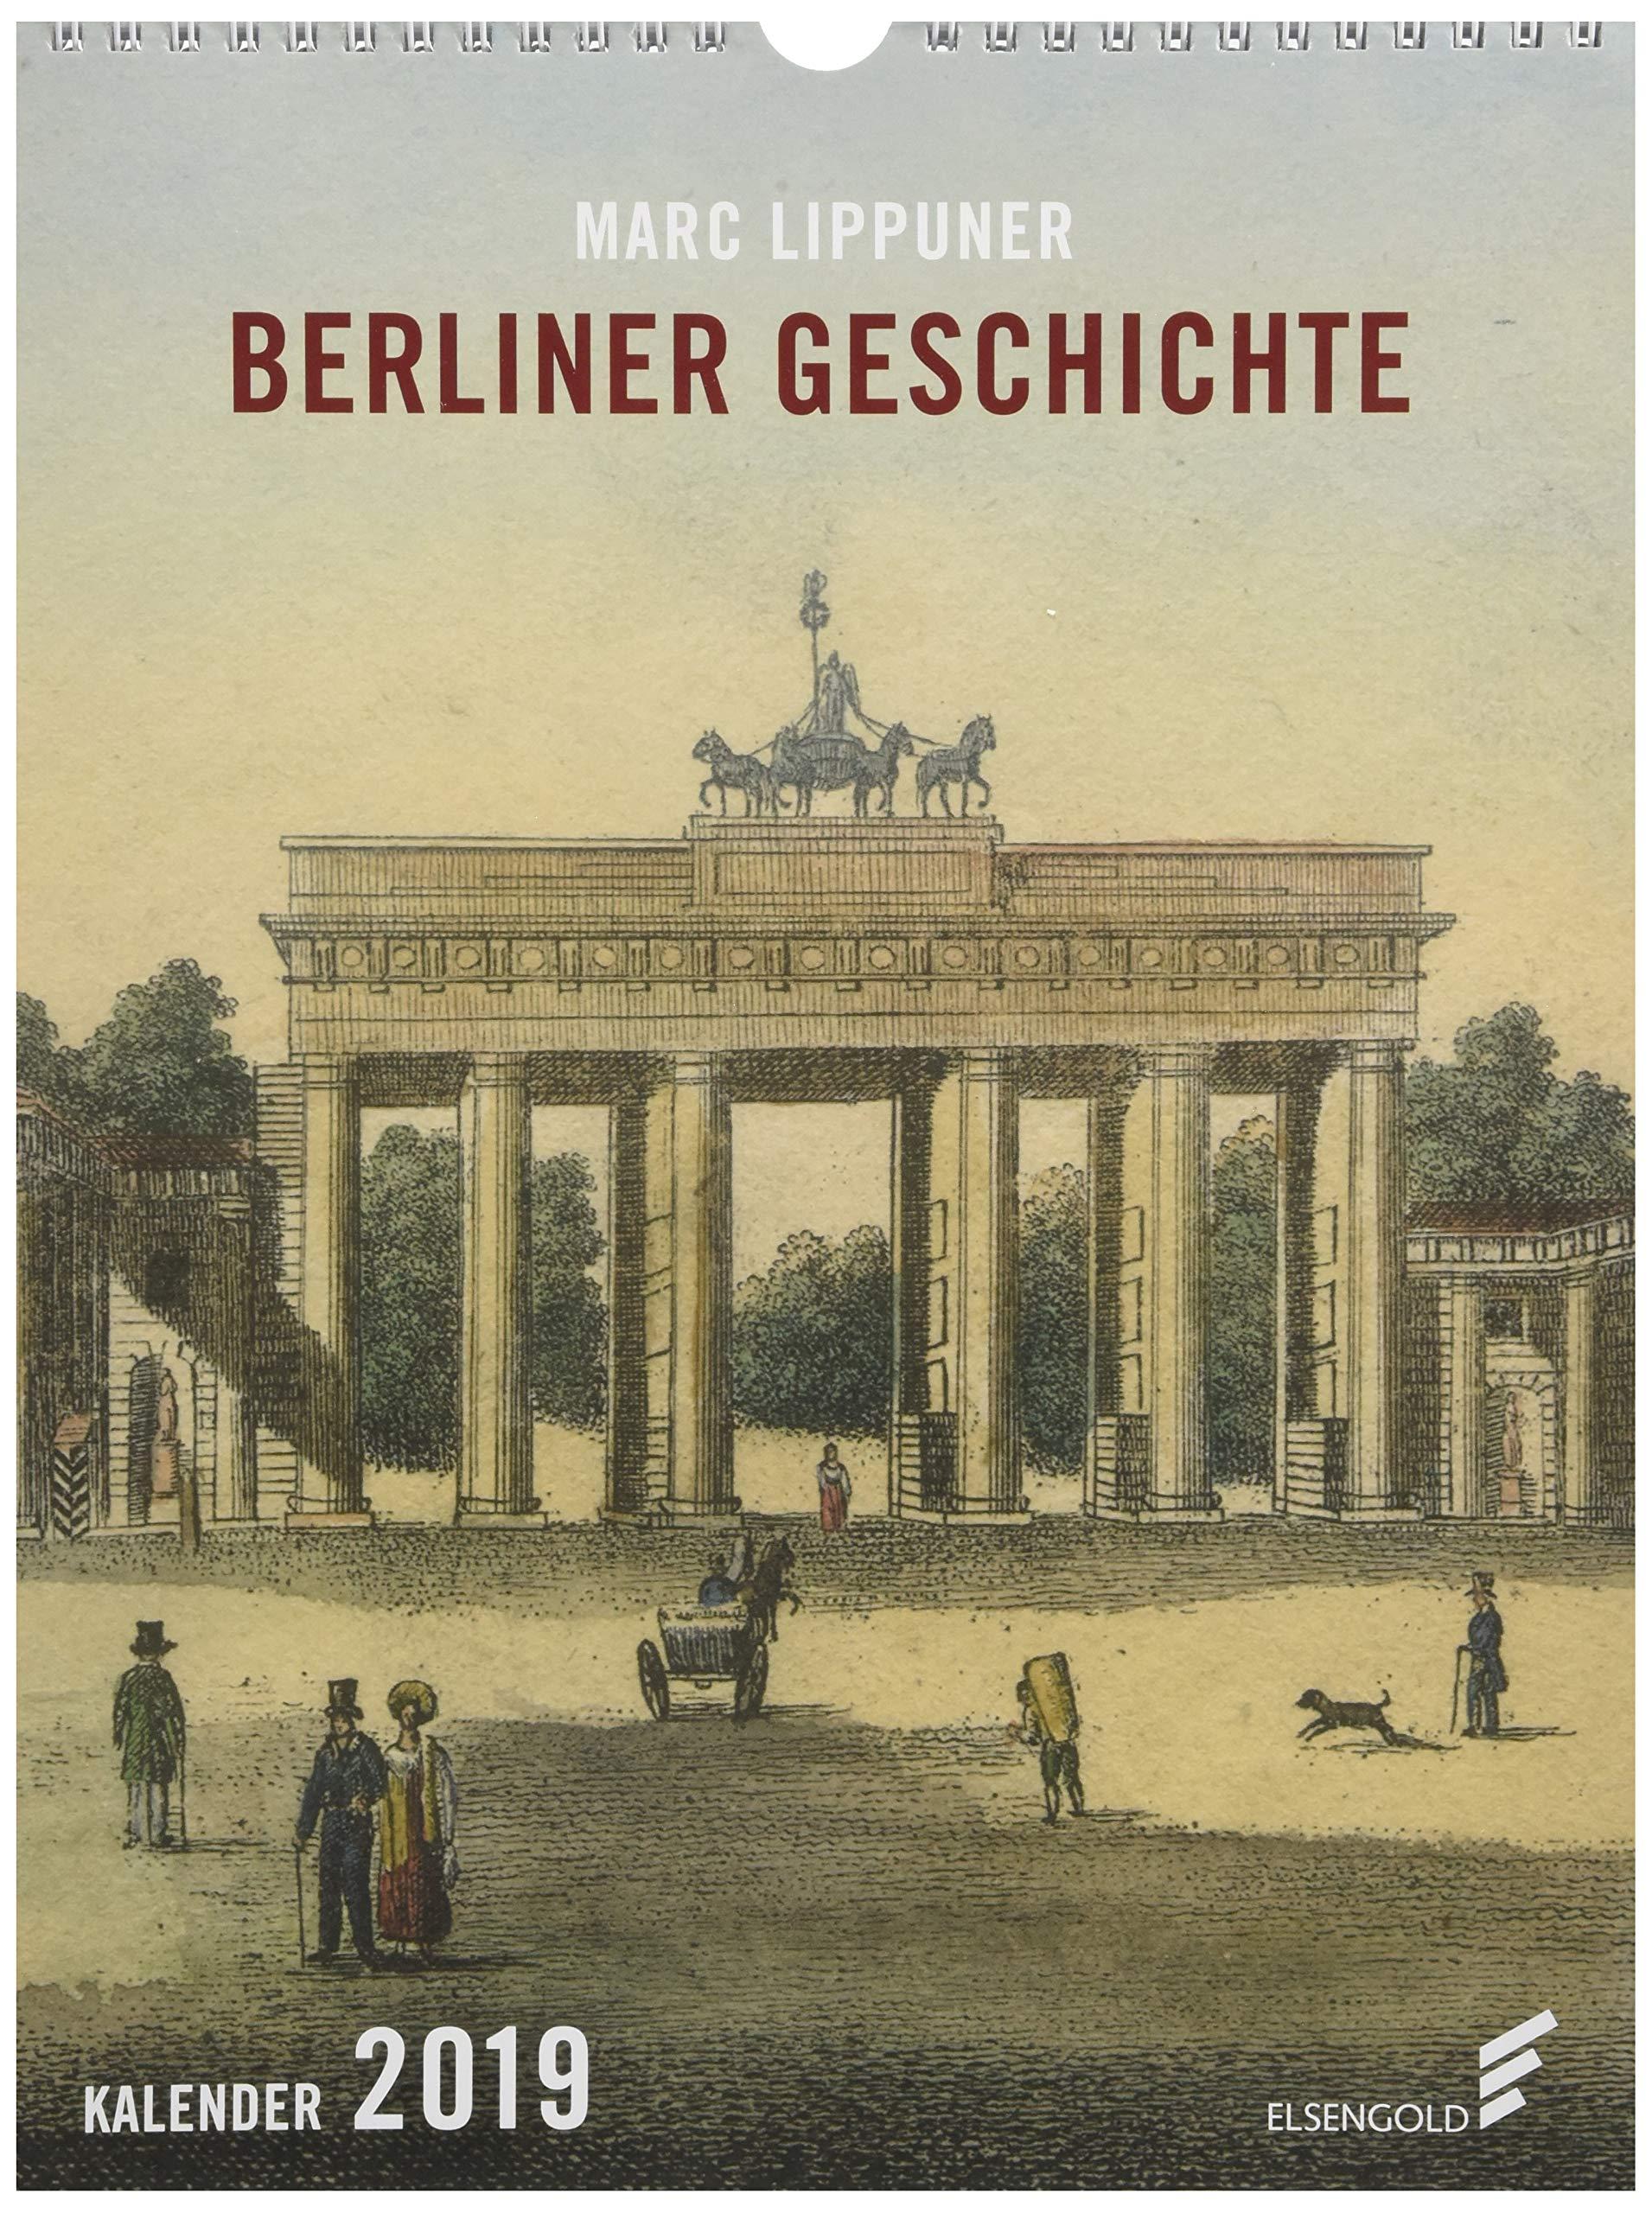 berliner-geschichte-kalender-2019